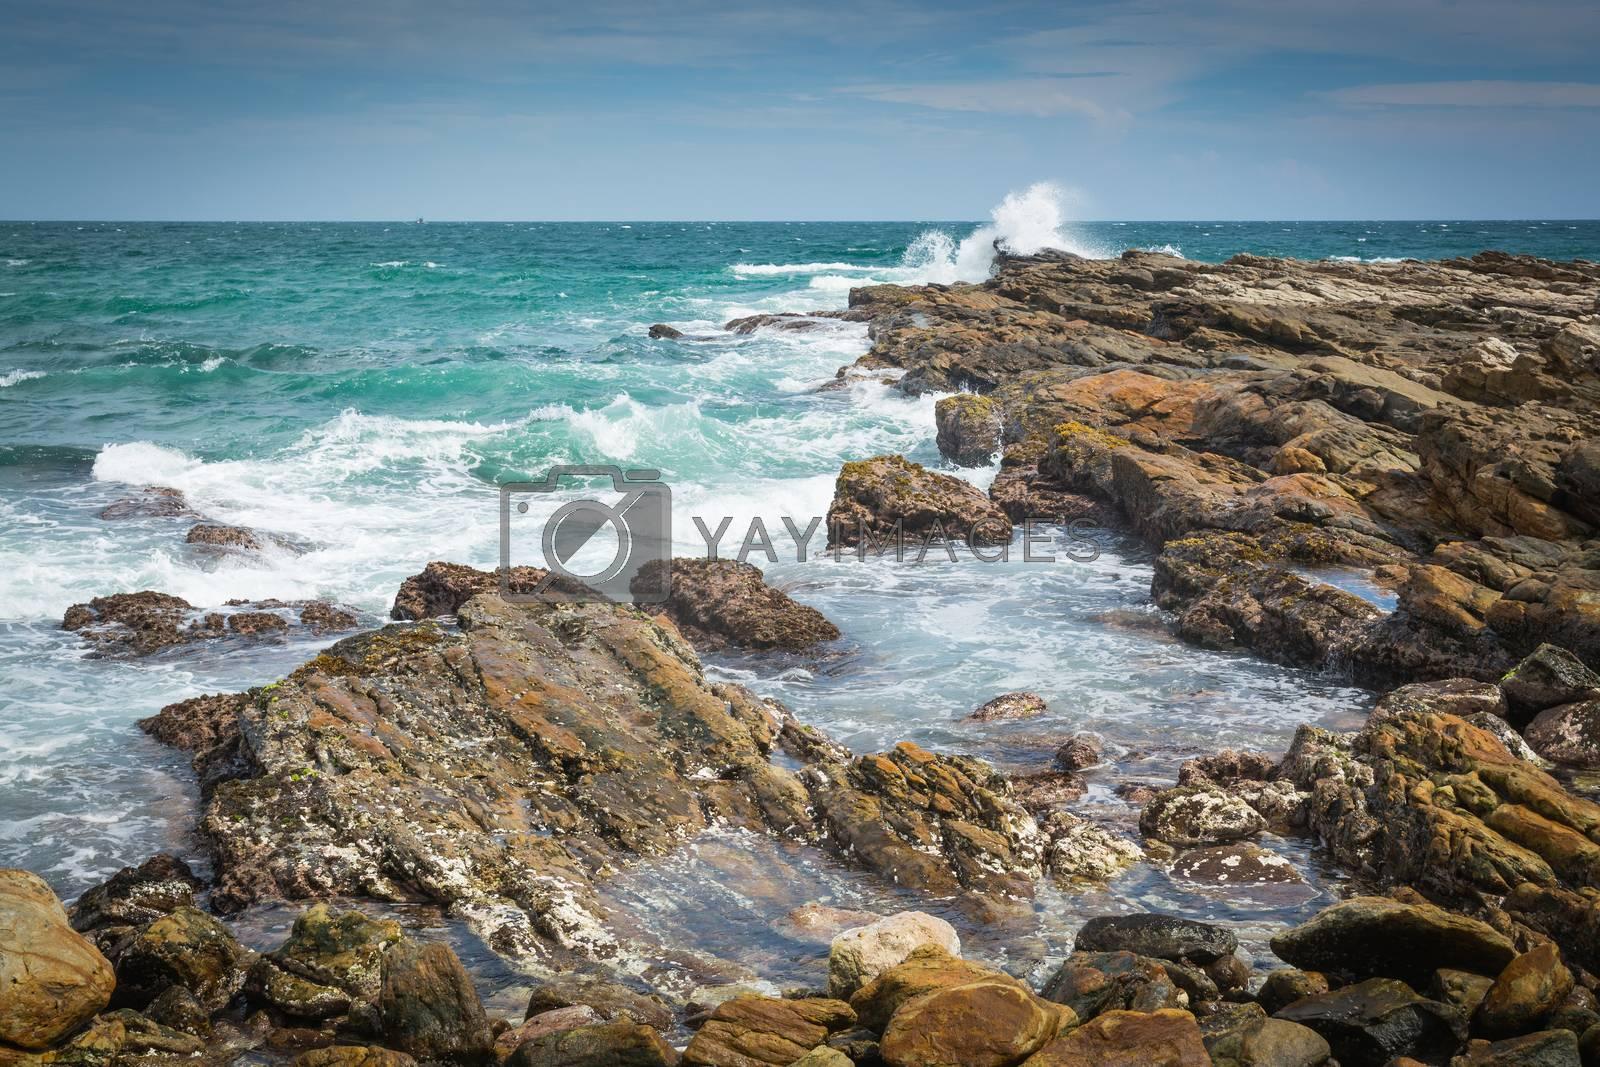 Rocky landscape at Rocky Point, Tangalle, Southern Province, Sri Lanka, Asia.